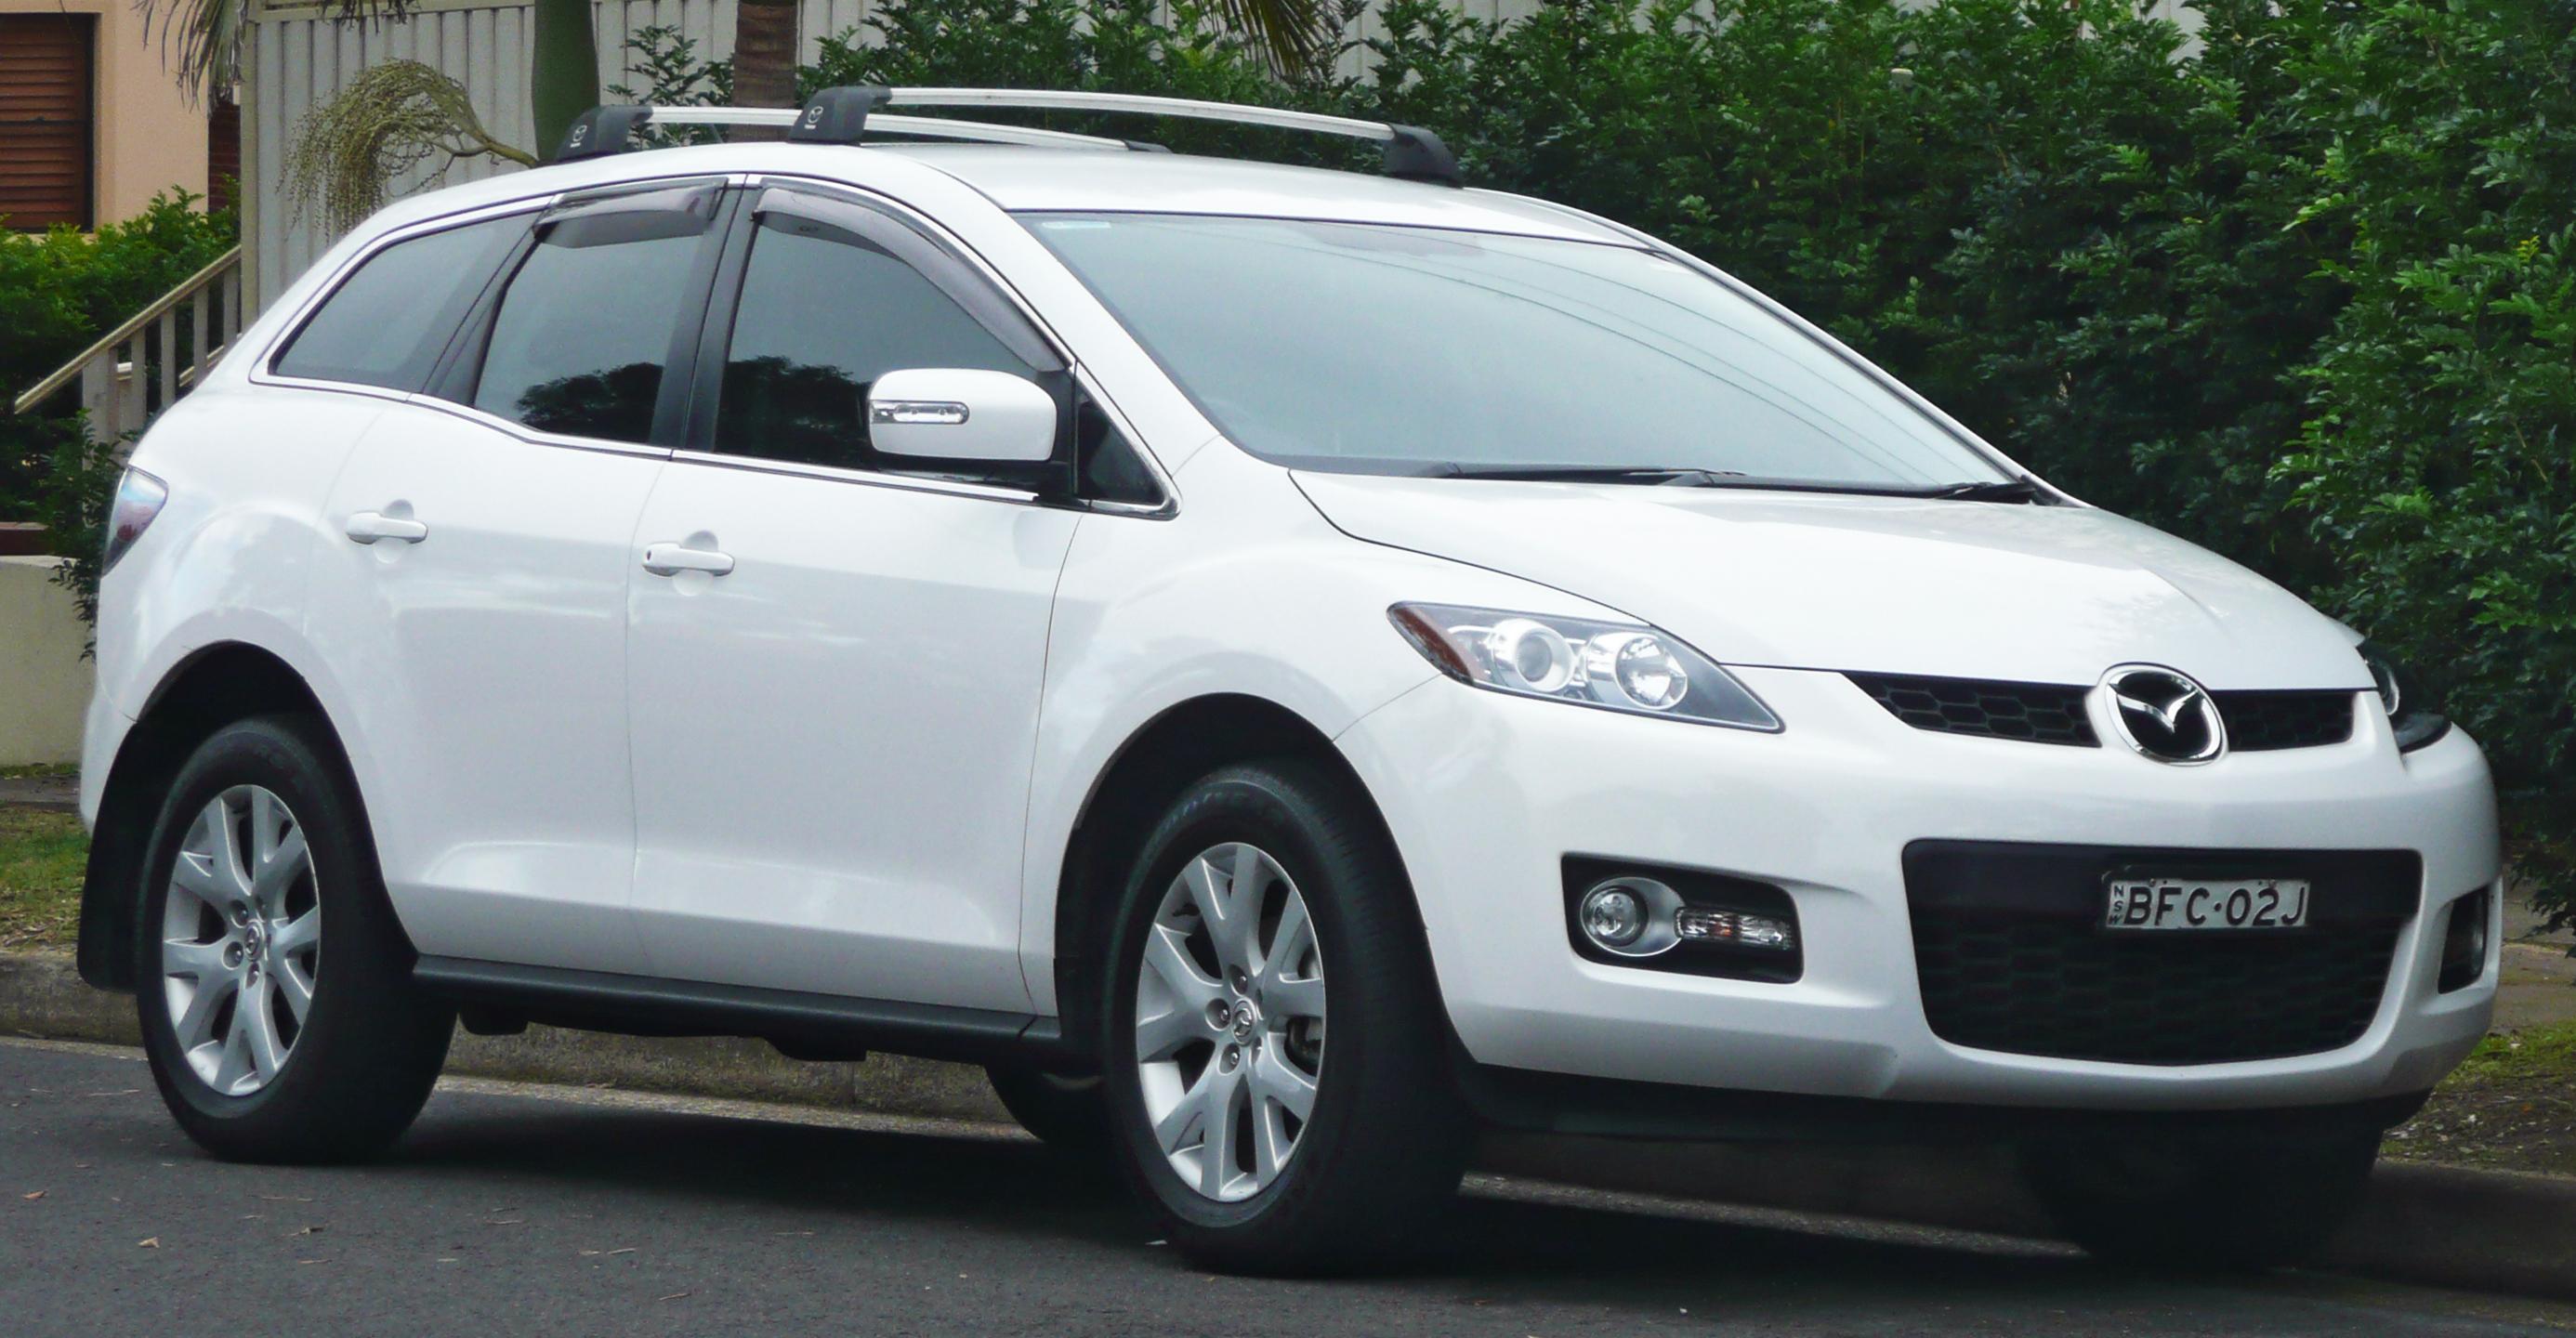 2008 MAZDA CX 7   Image #19